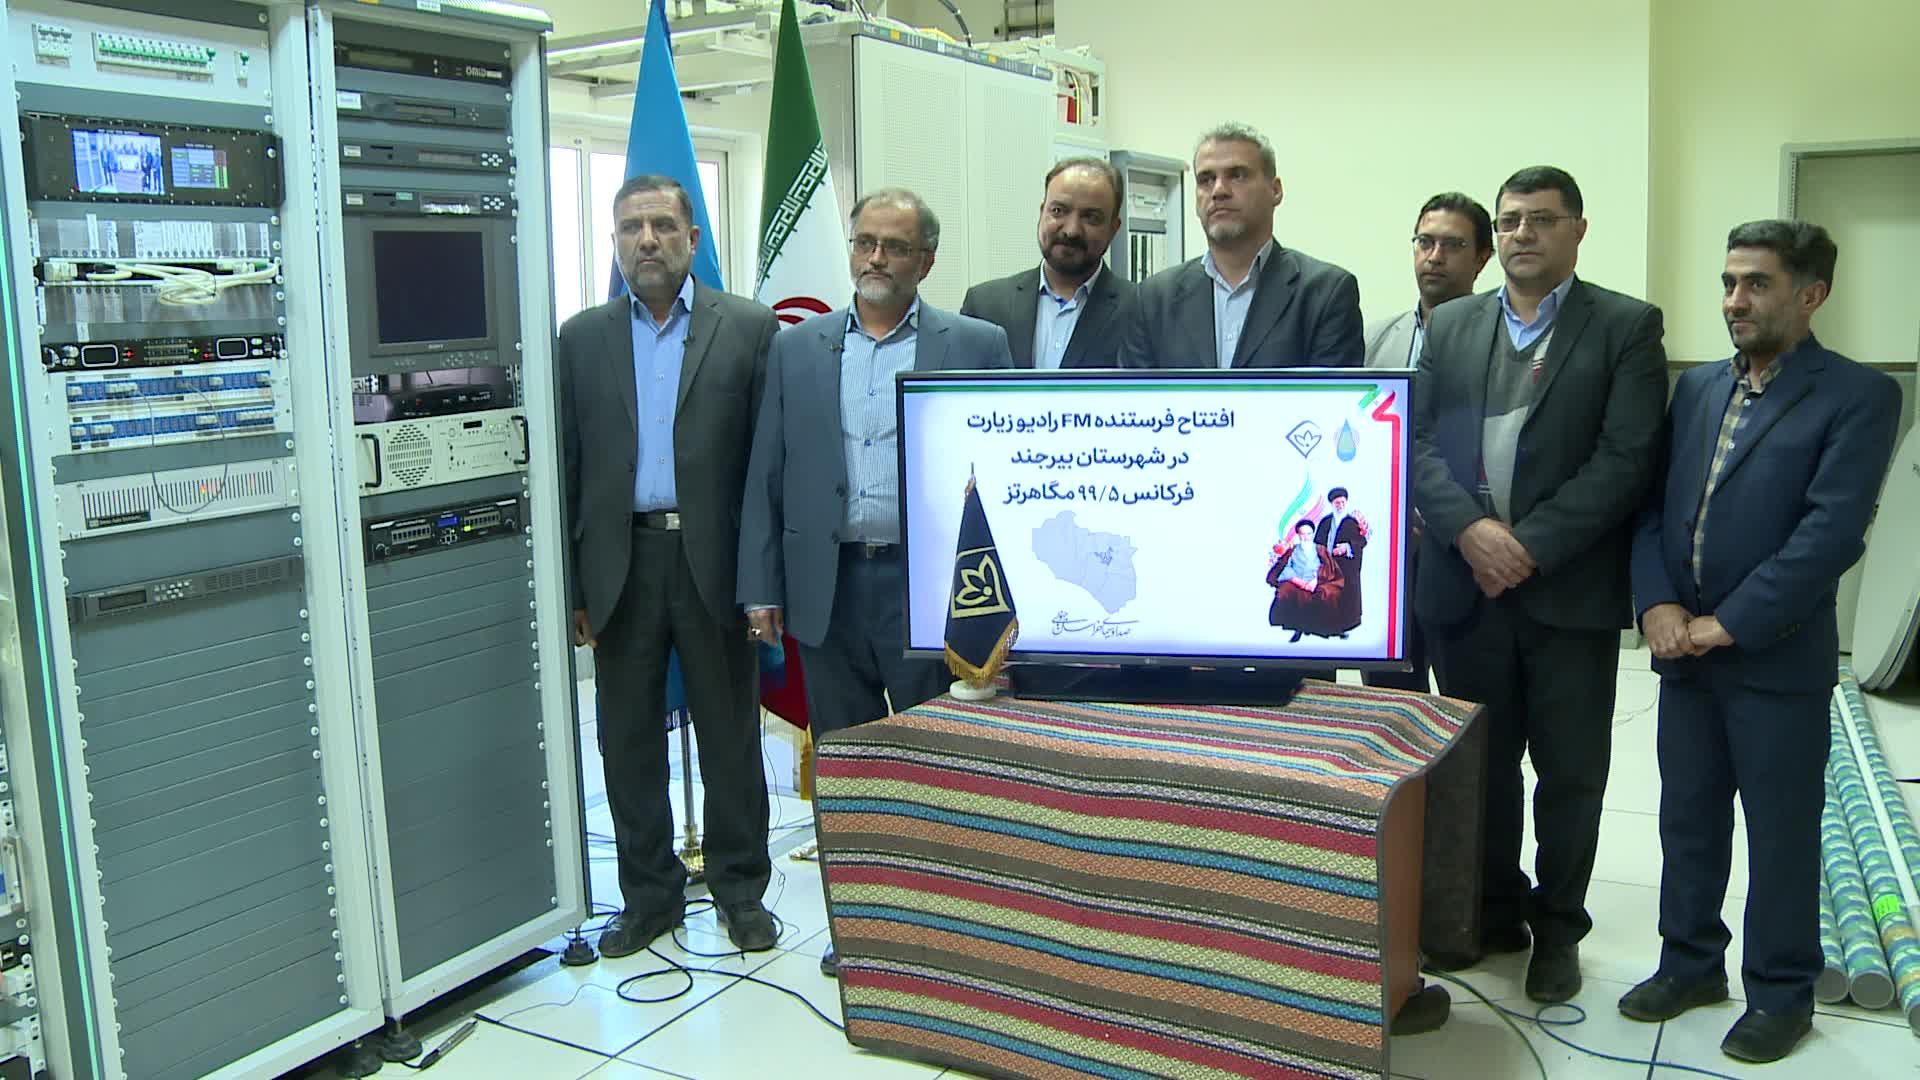 راه اندازی پخش سراسری رادیو زیارت به صورت هم زمان در مشهد ، تهران، بیرجند و بجنورد